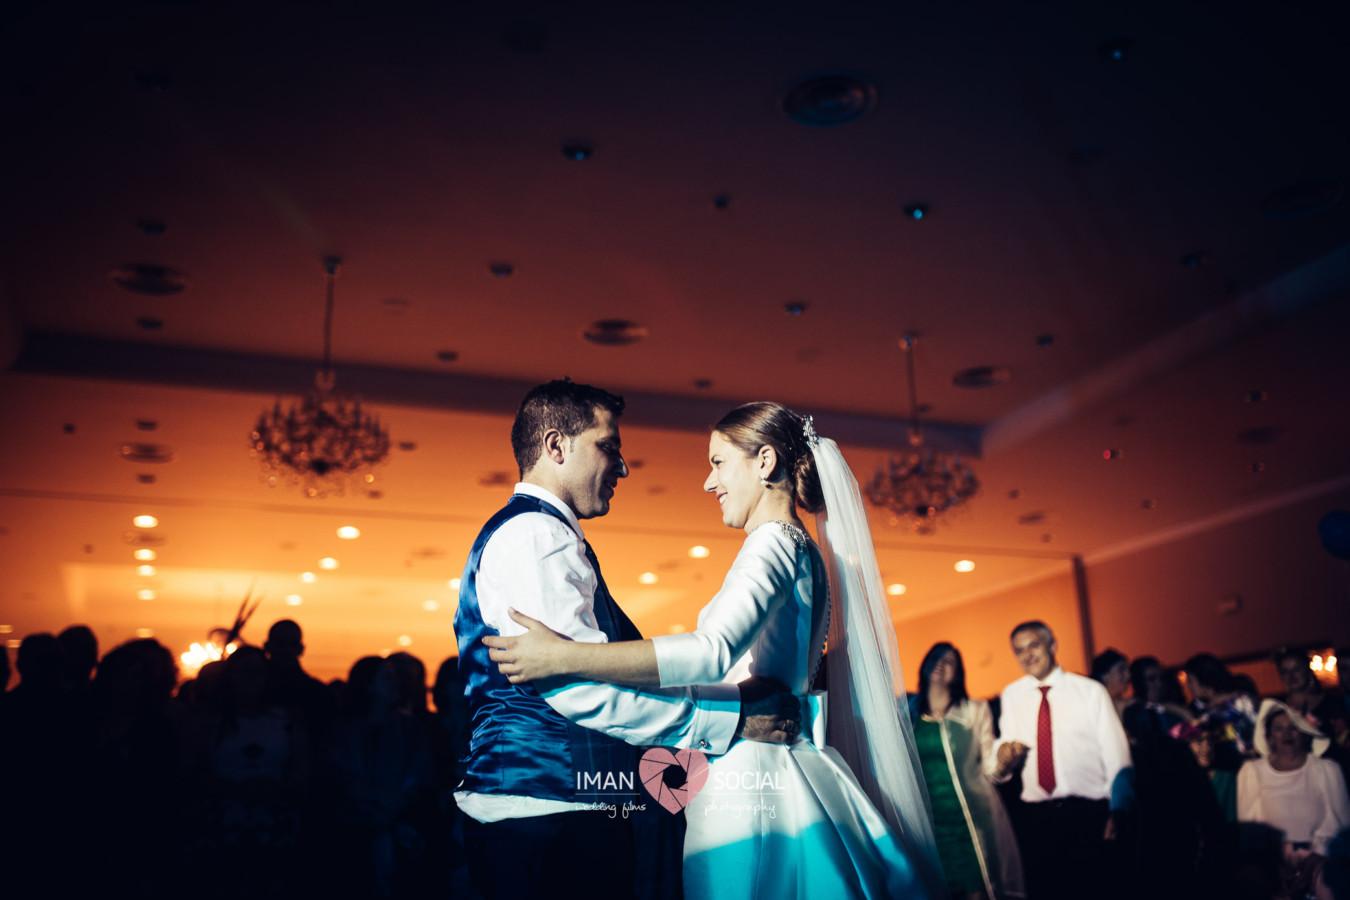 fotografo-de-boda-en-cordoba-sevilla-posadas-boda-auxi-y-antonio-38 Auxi & Antonio, primera boda de la temporada - video boda cordoba